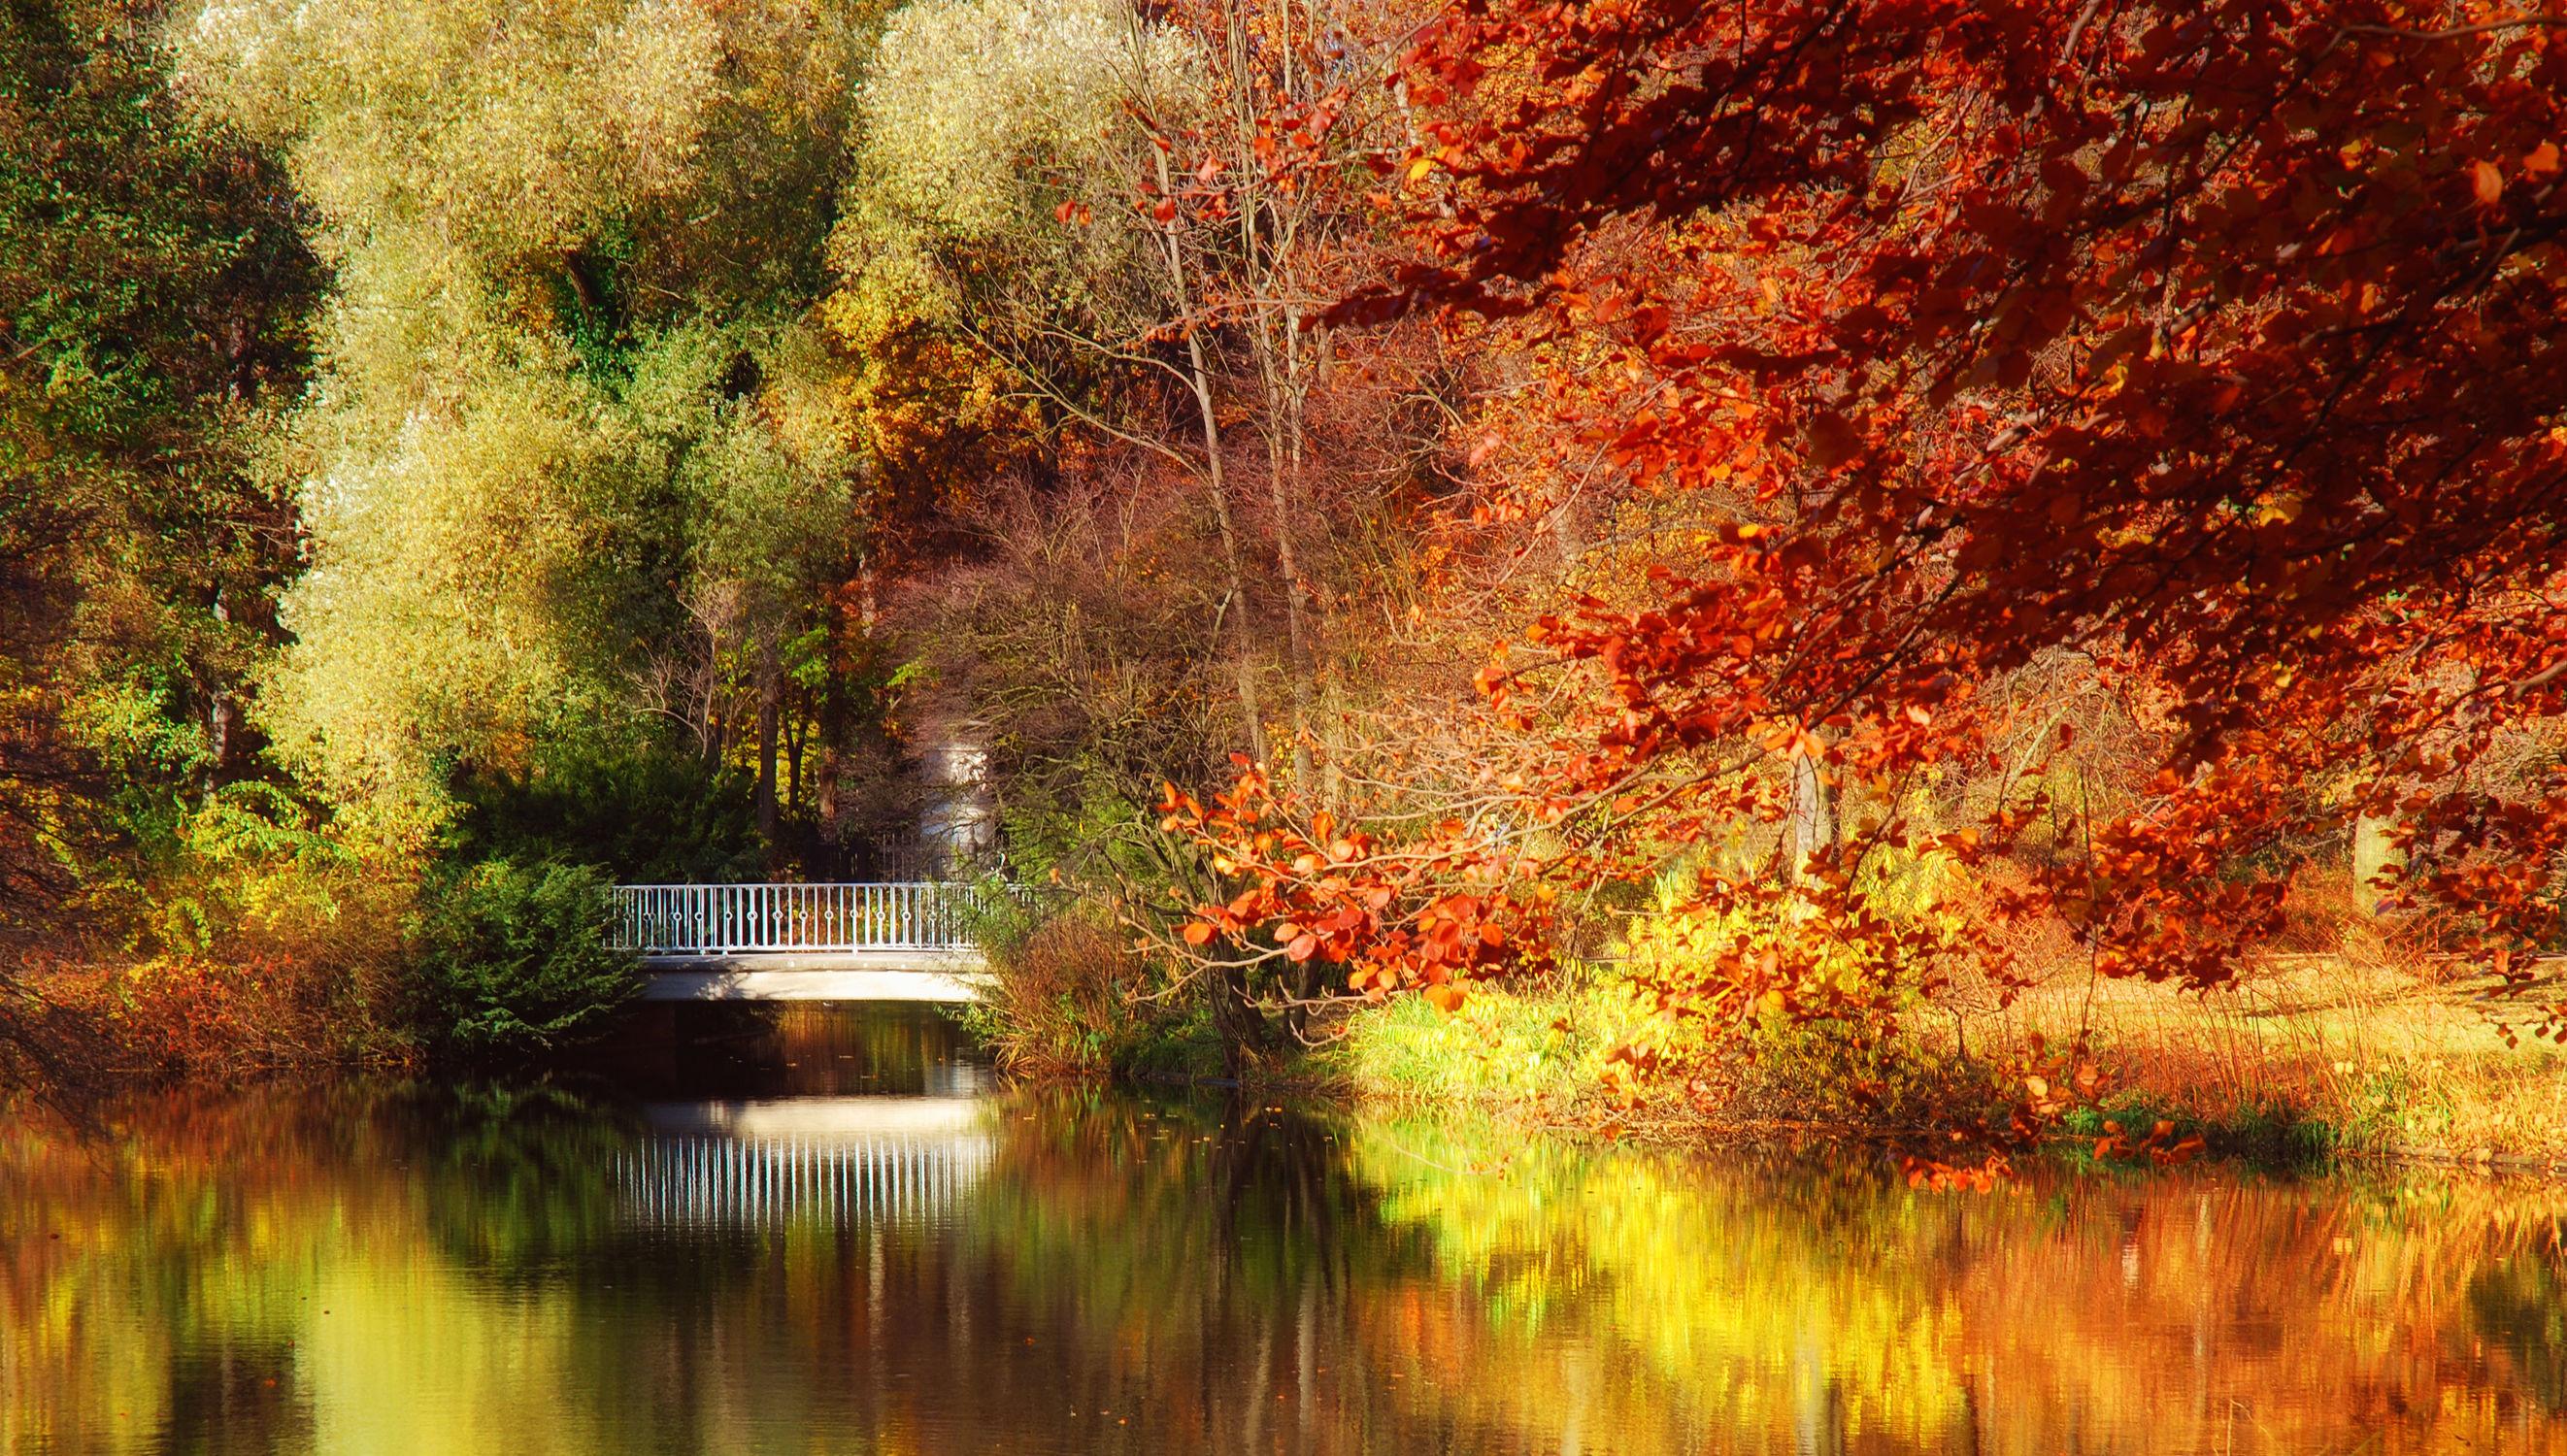 Bild mit Natur, Natur, Wasser, Landschaften, Bäume, Jahreszeiten, Herbst, Baum, Berlin, Blätter, Blatt, See, Brücke, Park, Teich, Parkanlage, Laub, tiergarten